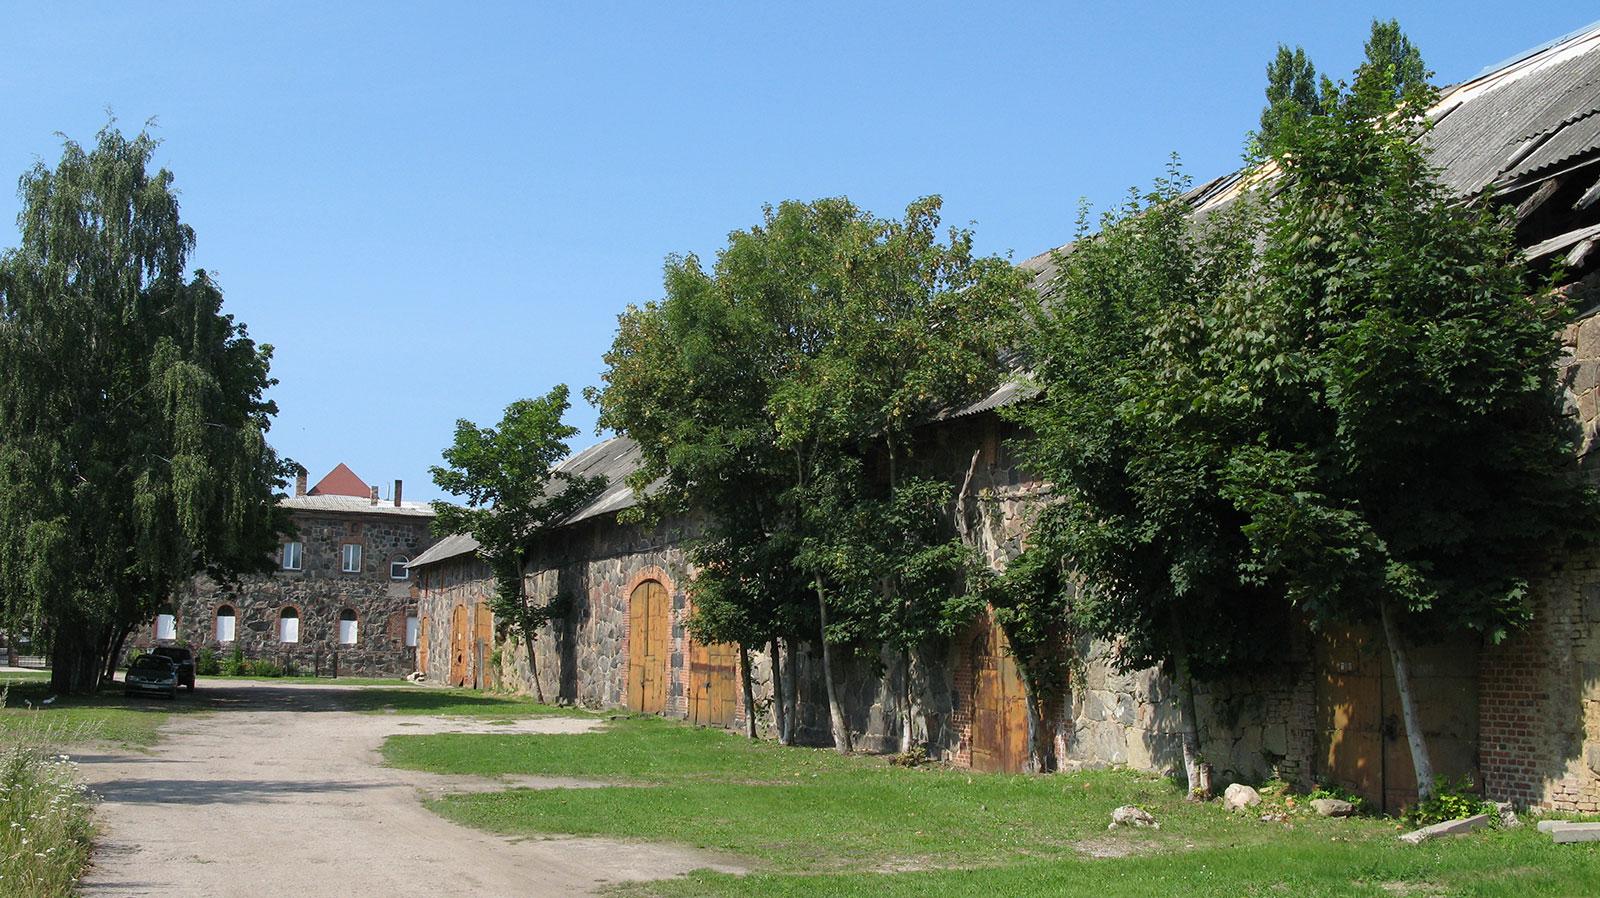 замок 14 века в Янтарном Калининградской области